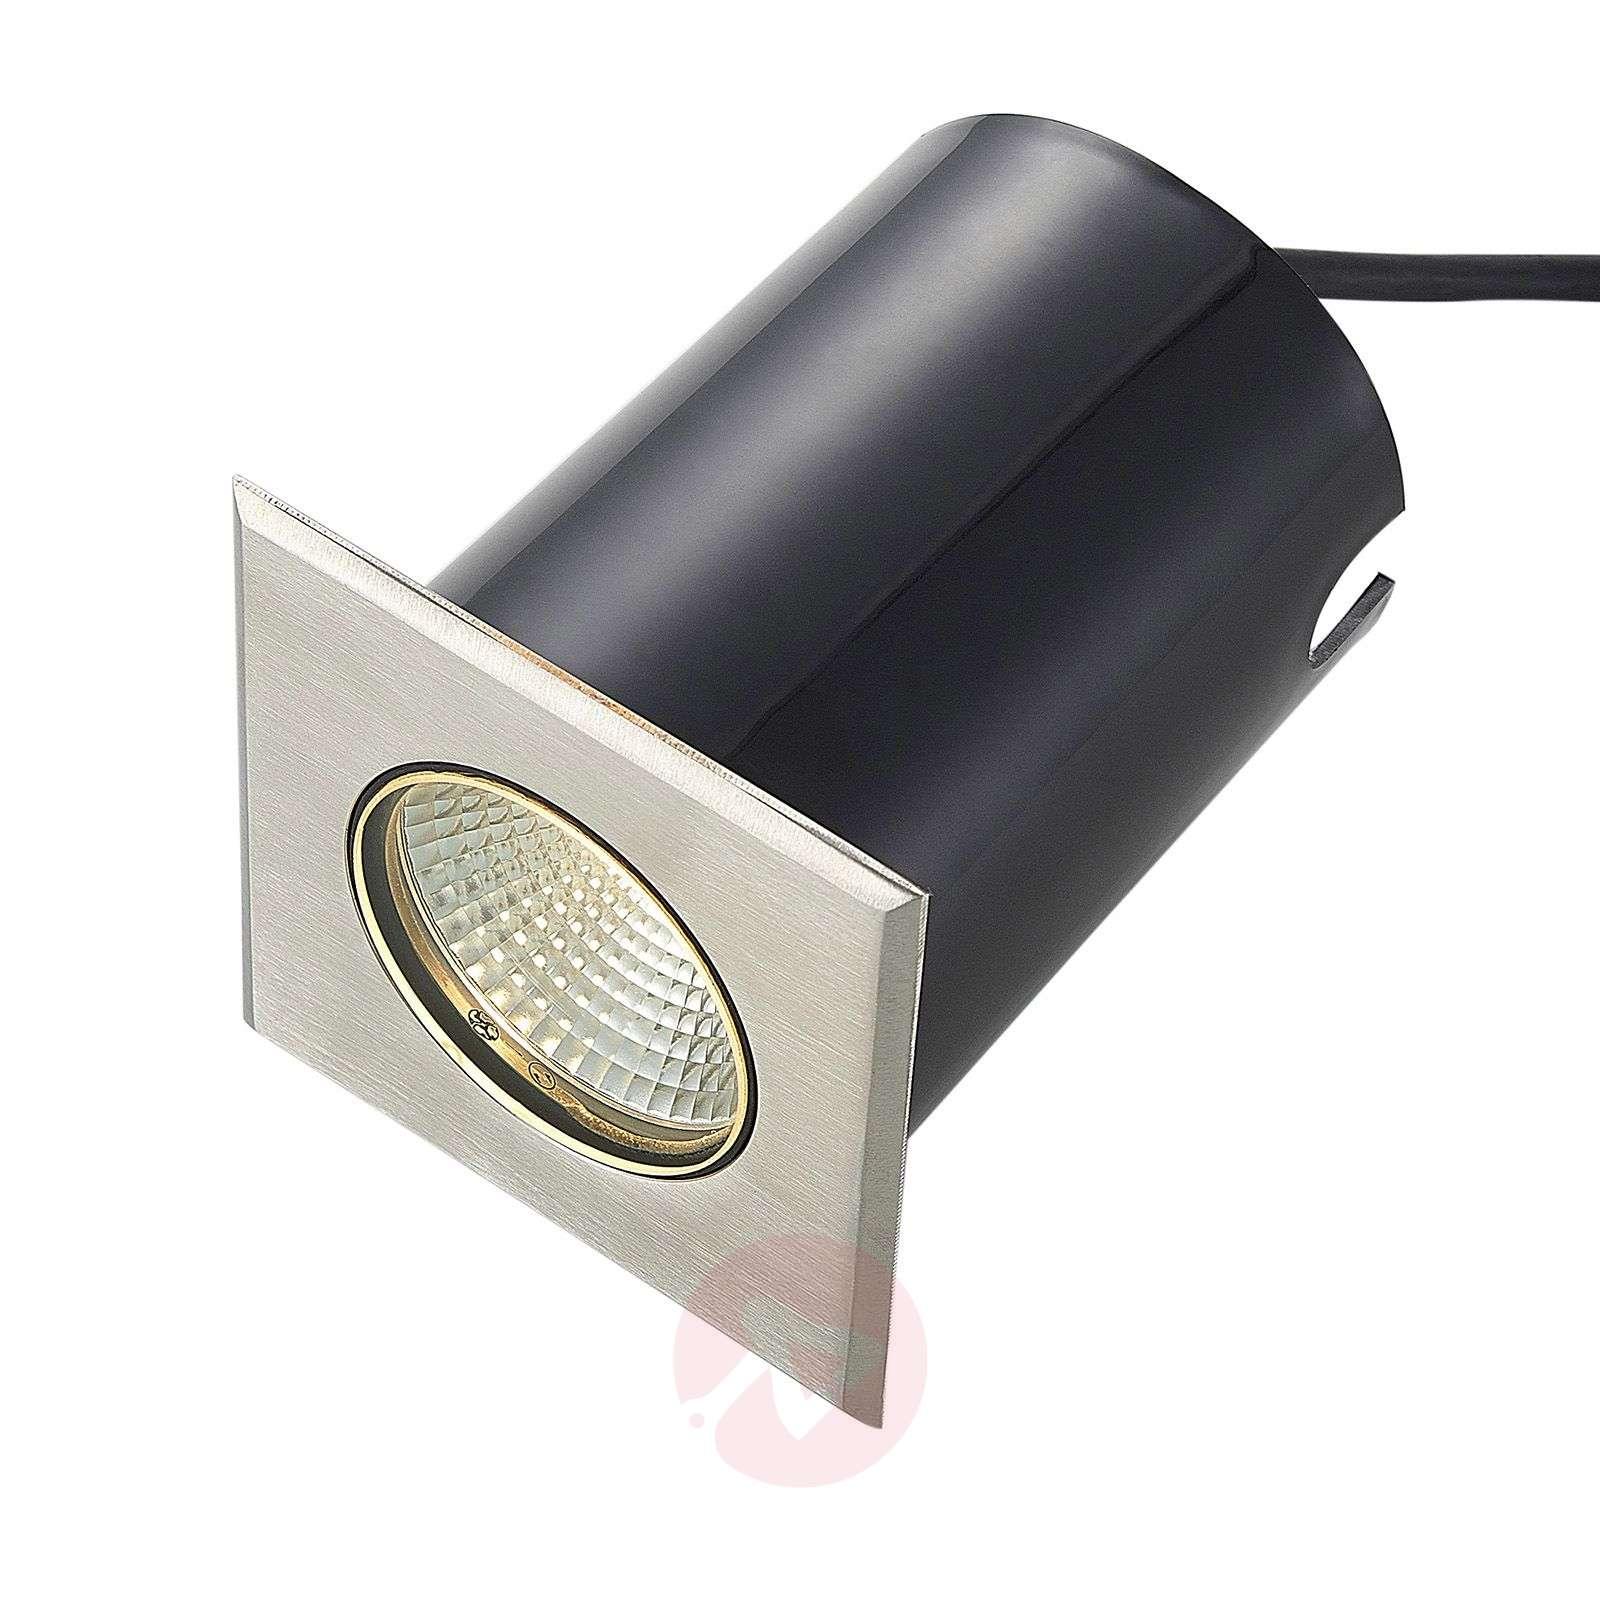 LED-lattiauppovalaisin Sulea, IP67, kulmikas-9969098-02